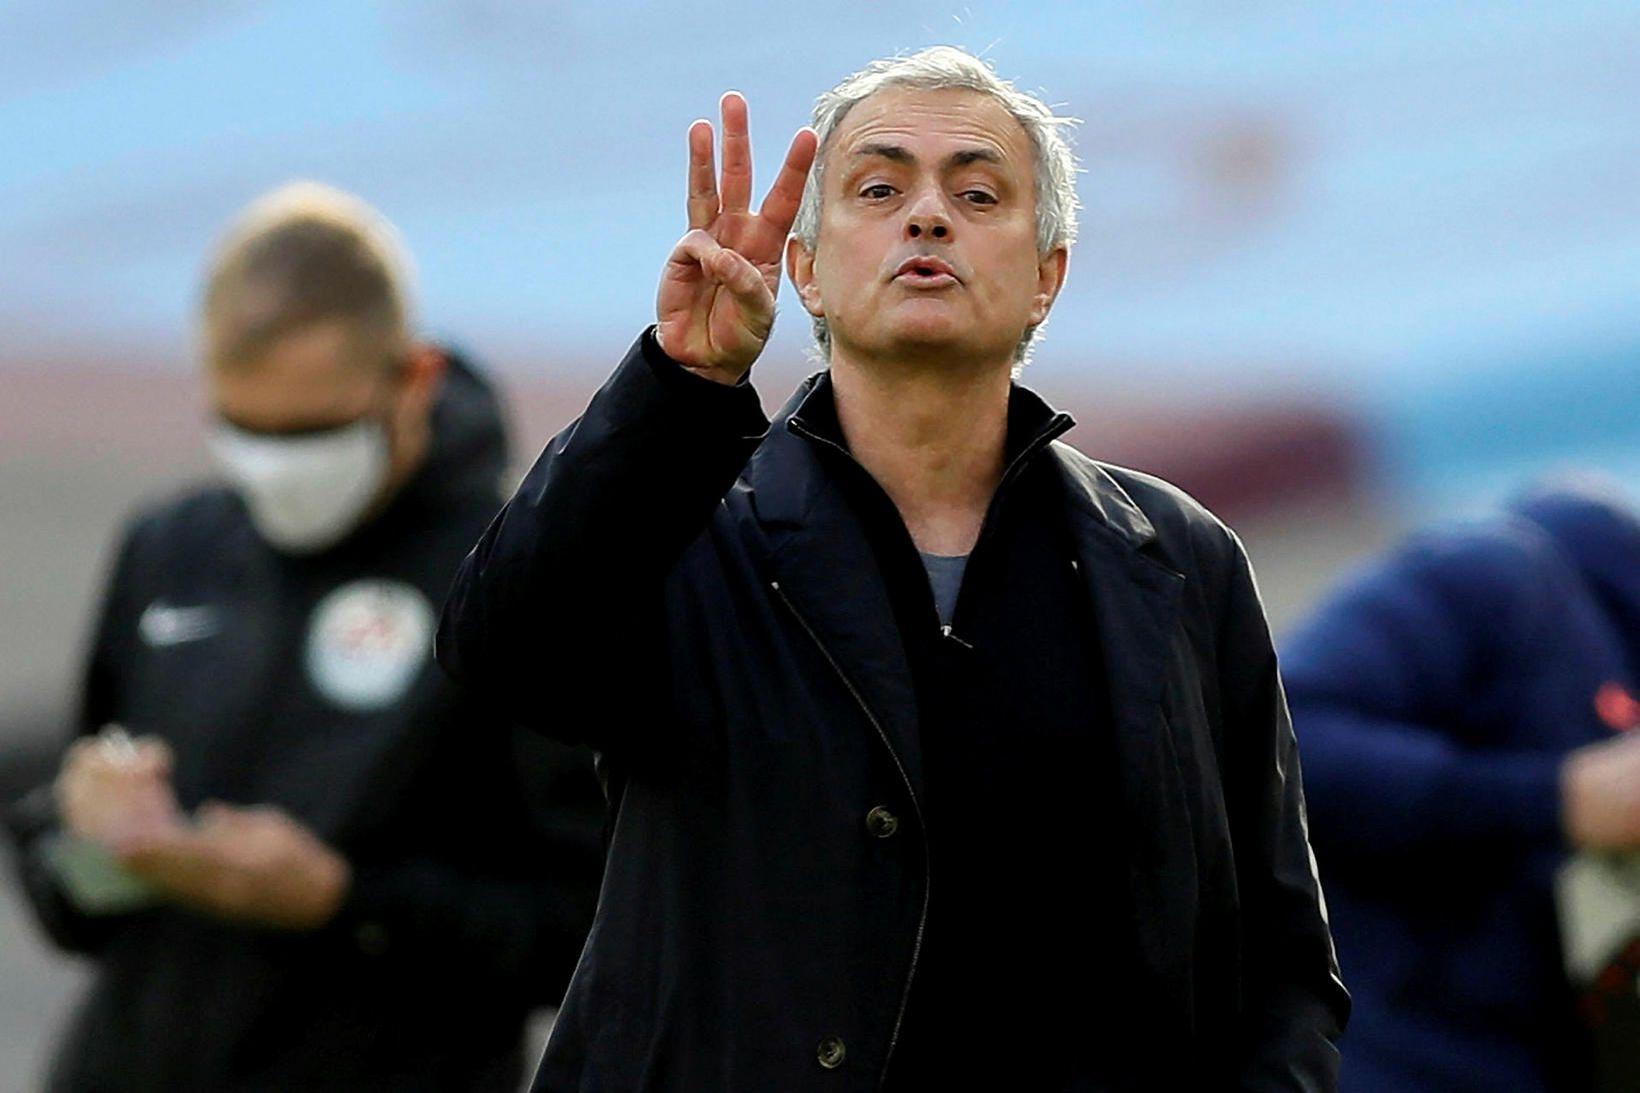 José Mourinho hefur alltaf haft mikla trú á sjálfum sér.